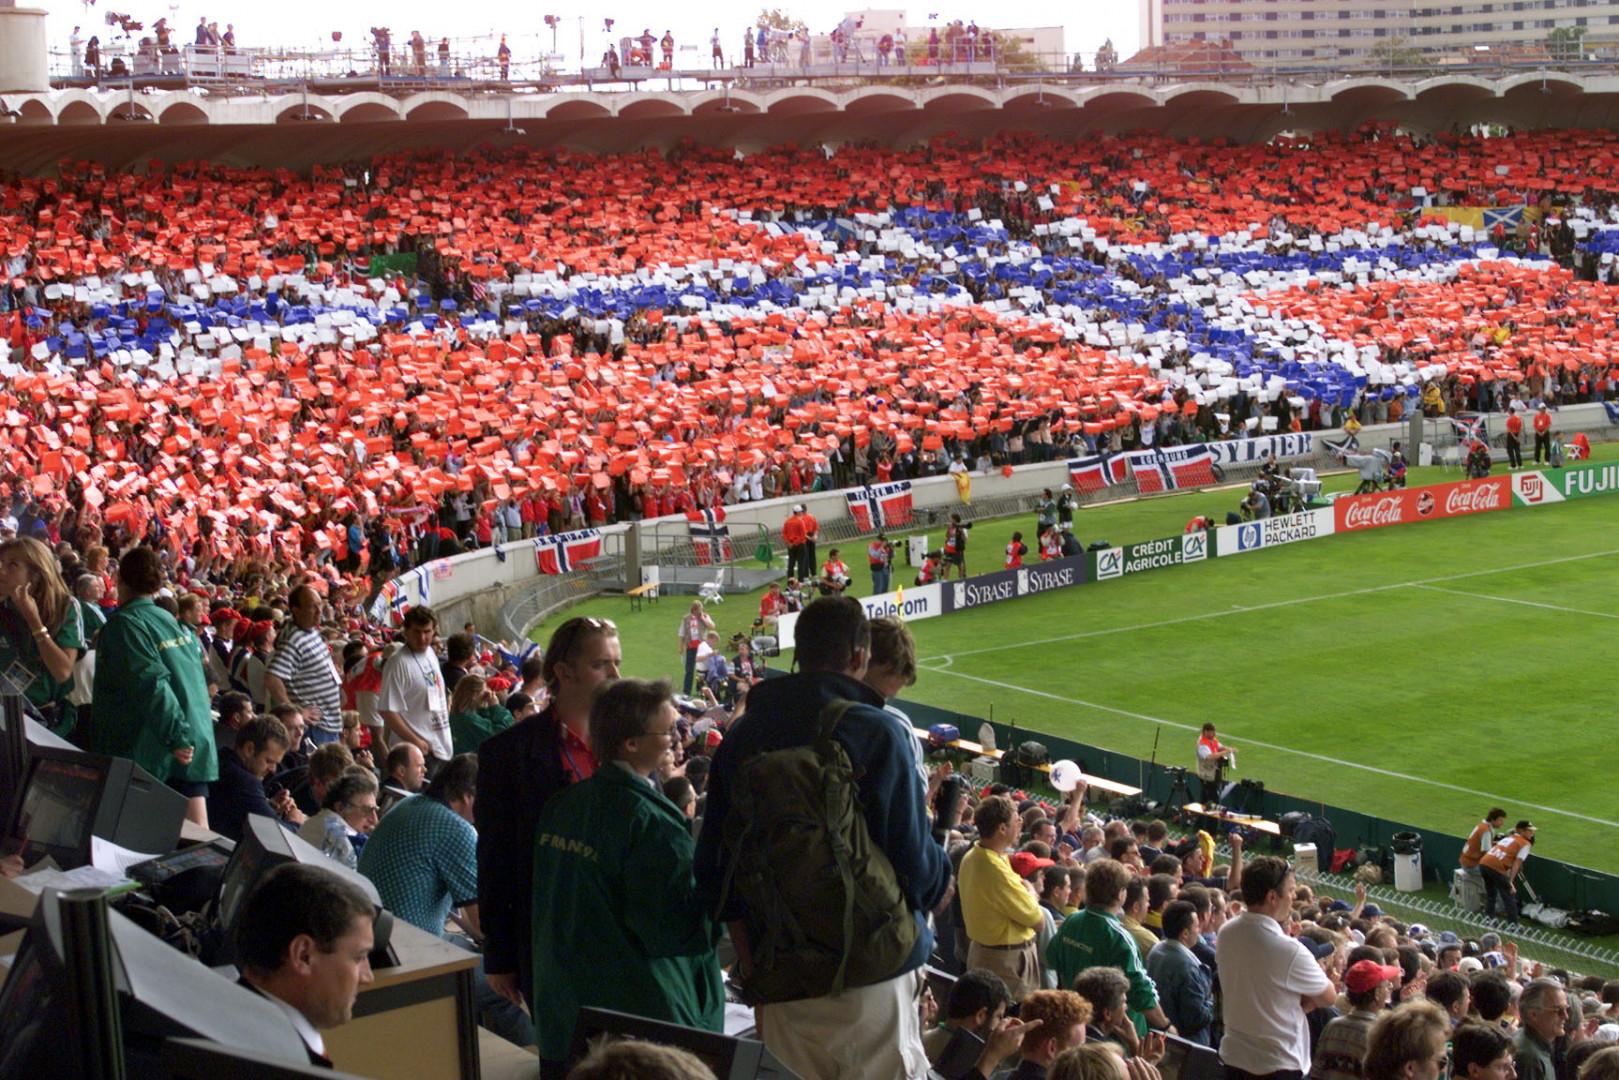 Entre temps, le Parc Lescure a accueilli cinq matches du Mondial 1998, ici Norvège - Écosse